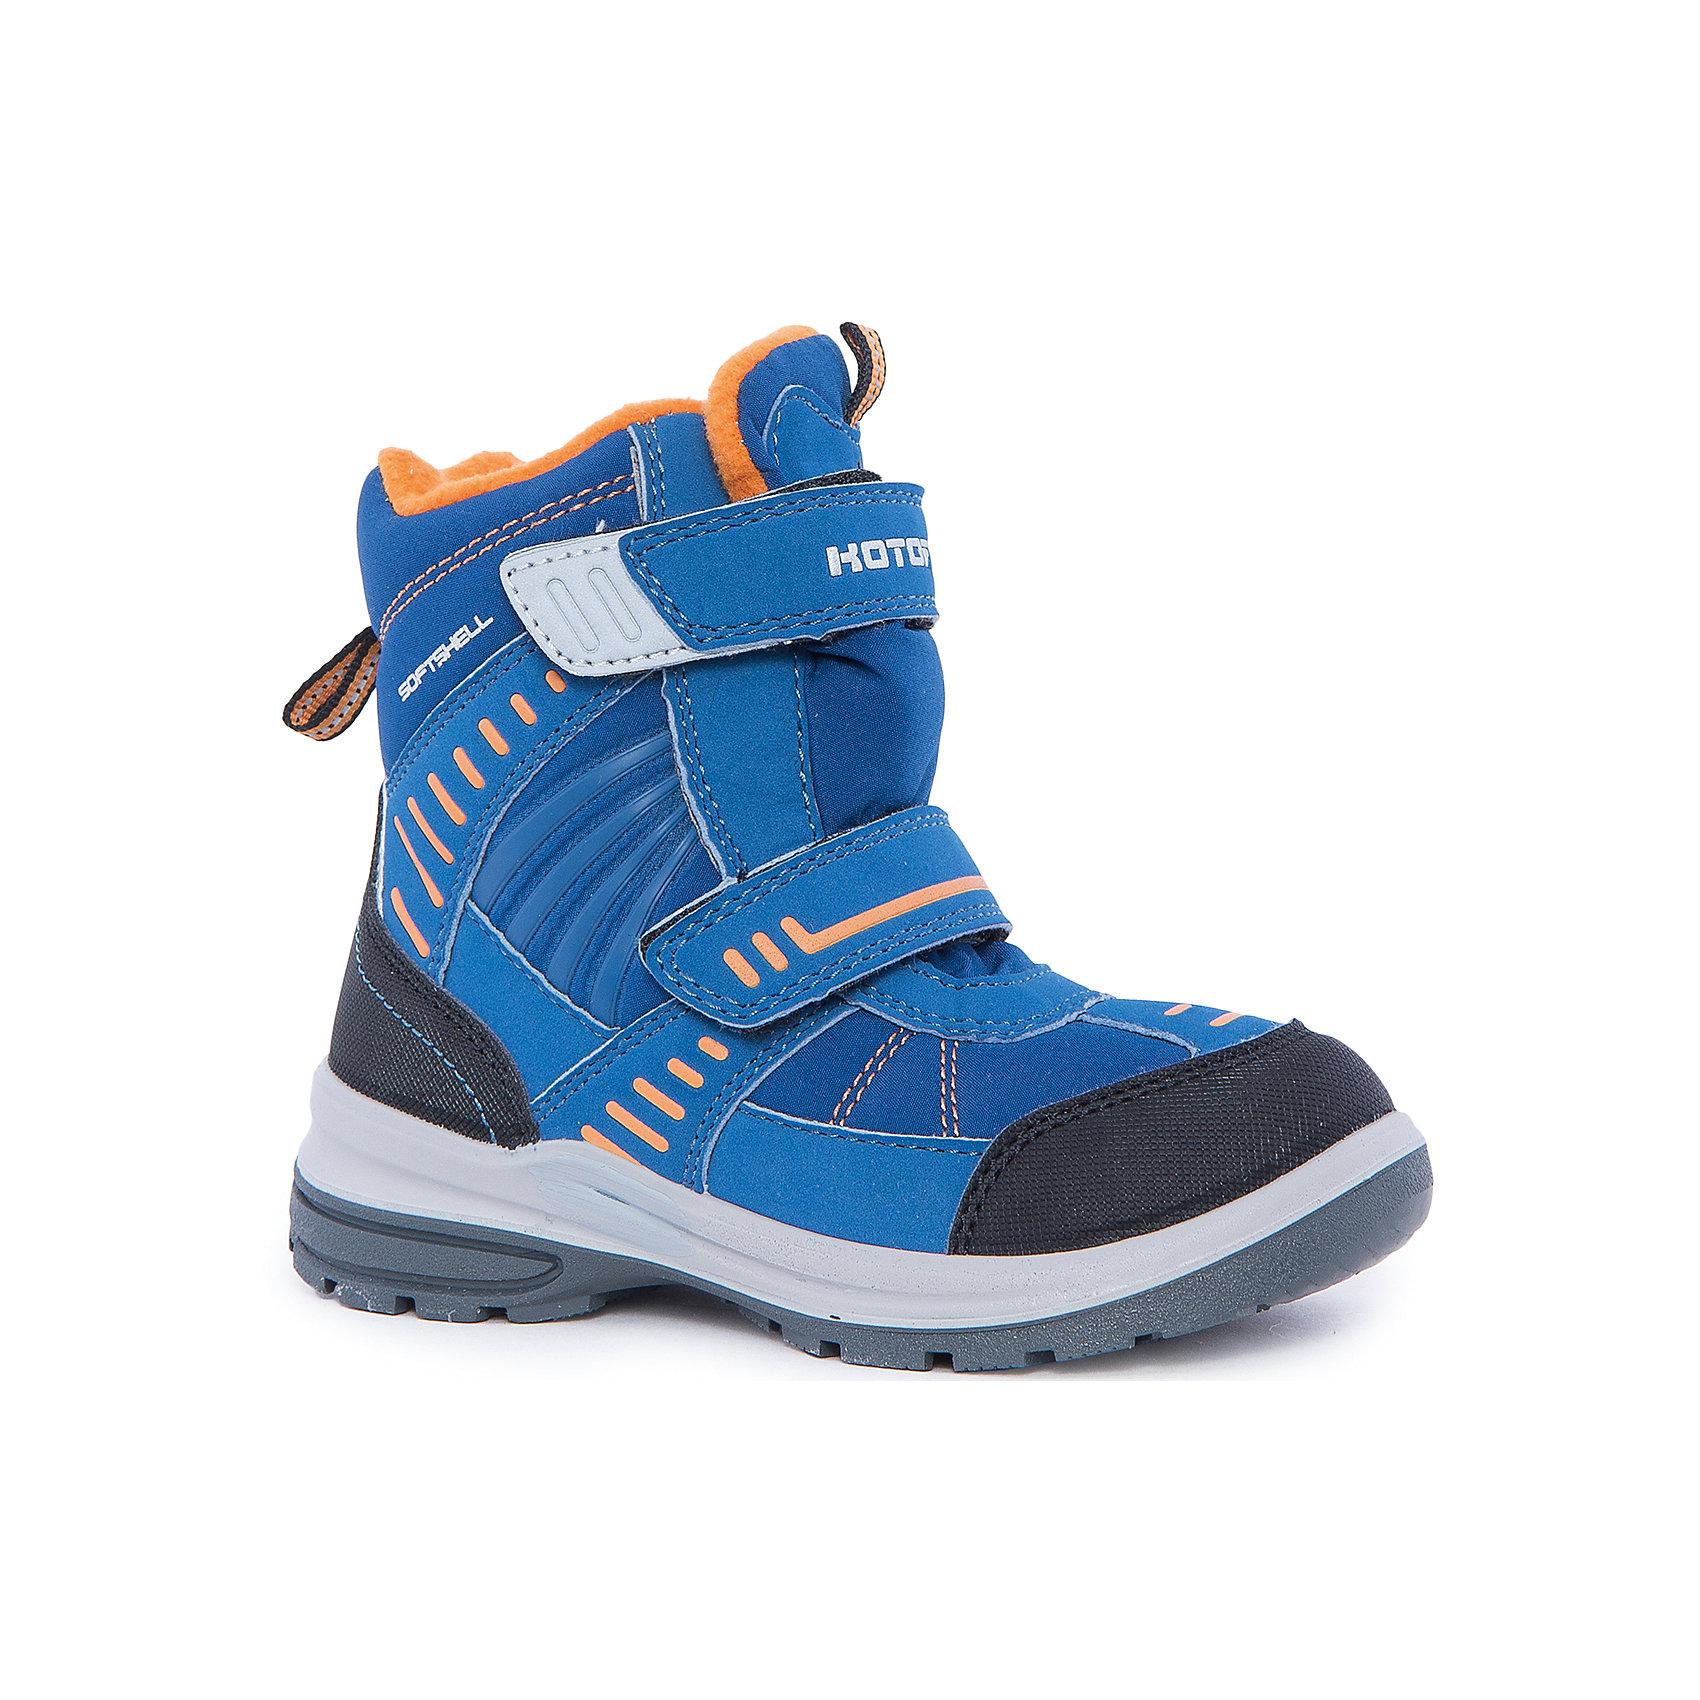 Ботинки для мальчика КотофейКотофей – качественная и стильная детская обувь по доступным ценам. С каждым днем популярность бренда растет.  Сапожки – универсальная обувь для холодов для всех маленьких непосед. Новая модель сапог для мальчика сочетает все модные тенденции  наступающего зимнего сезона. Стильный дизайн, яркие цвета, уникальный пошив и цветные детали создают неповторимый элемент гардероба.<br><br>Дополнительная информация:<br><br>цвет: сине-оранжевый;<br>вид крепления: литьевой;<br>застежка: липучка;<br>температурный режим: от -15 °С до +5° С.<br><br>Состав:<br>материал верха – комбинированный;<br>материал подклада – мех шерстяной;<br>подошва – ПУ/резина.<br><br>Зимние сапожки для мальчика дошкольного возраста от фирмы Котофей можно купить в нашем магазине.<br><br>Ширина мм: 262<br>Глубина мм: 176<br>Высота мм: 97<br>Вес г: 427<br>Цвет: синий/оранжевый<br>Возраст от месяцев: 72<br>Возраст до месяцев: 84<br>Пол: Мужской<br>Возраст: Детский<br>Размер: 30,28,31,29,27<br>SKU: 4982172